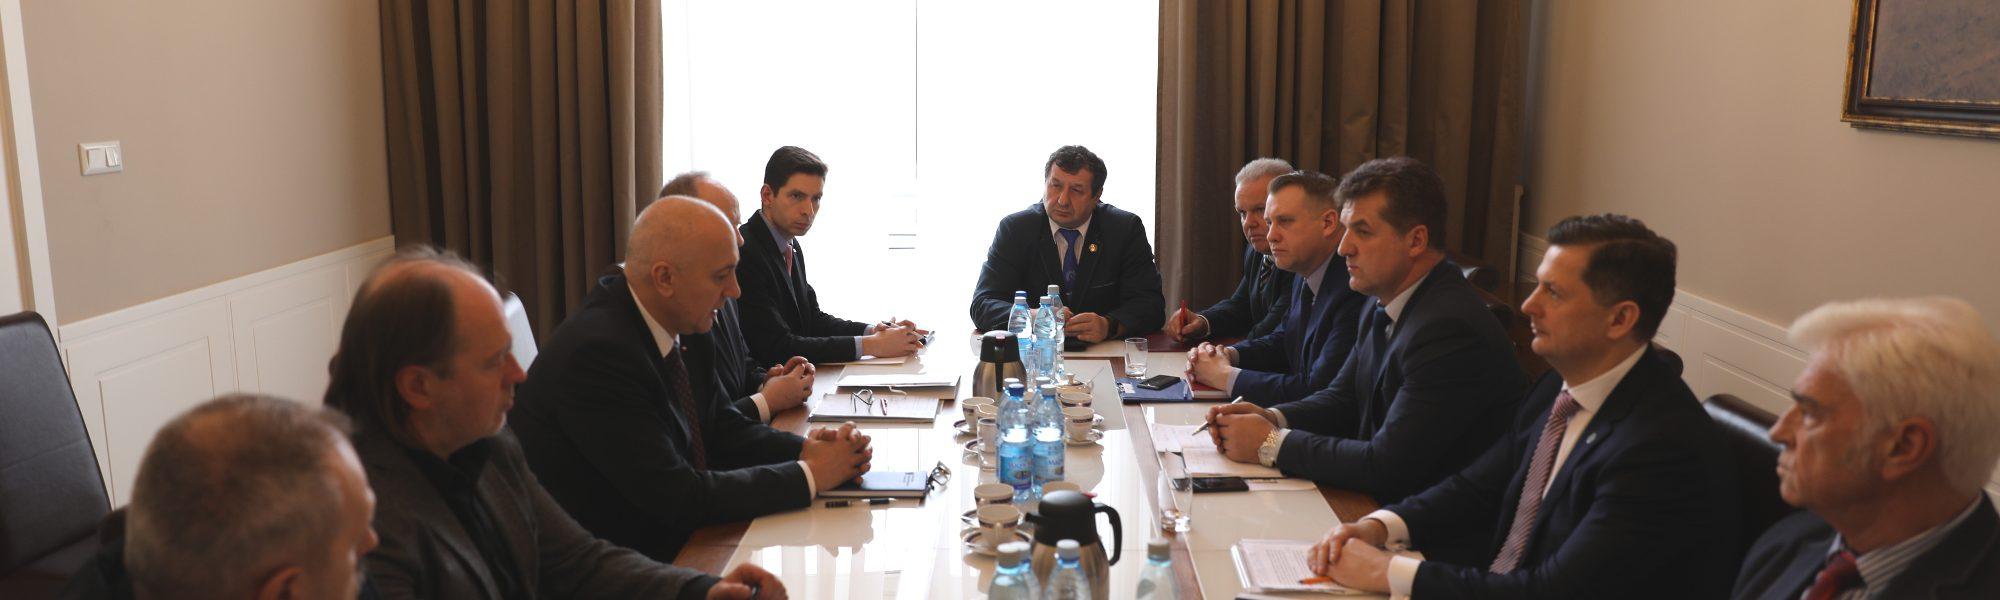 Spotkanie Federacji Związków Zawodowych Służb Mundurowych spotkali się z Ministrem Spraw Wewnętrznych i Administracji Joachimem Brudzińskim